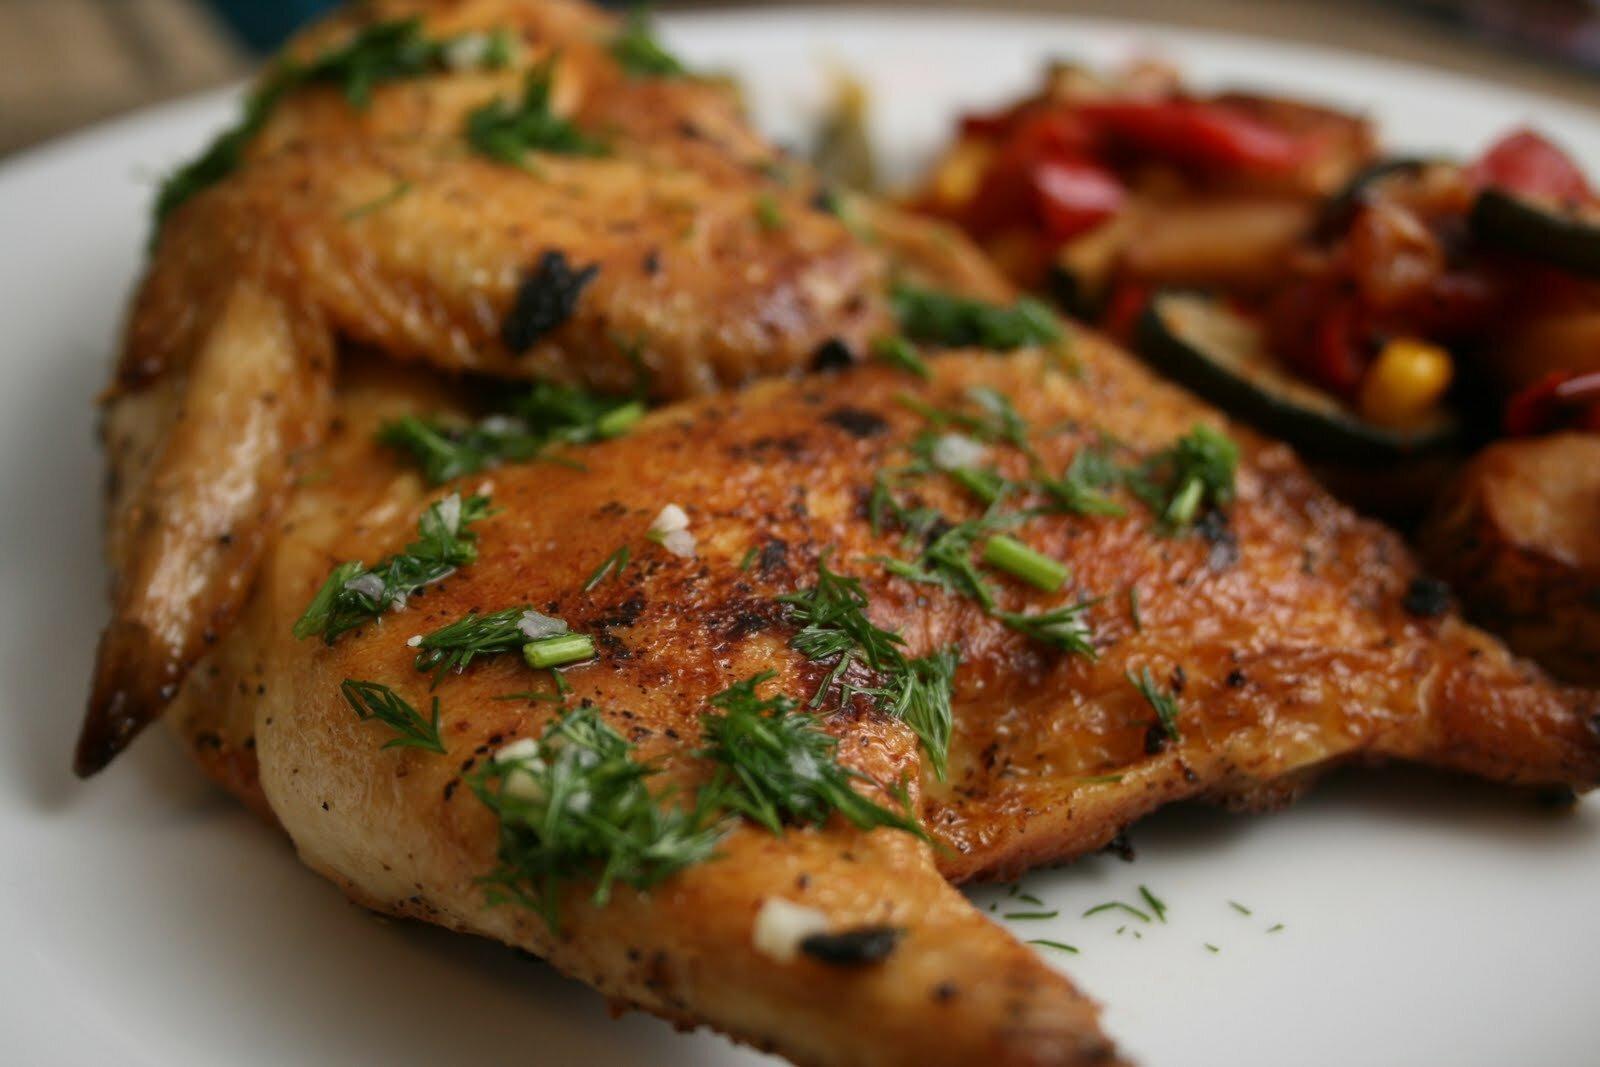 курица по аджарски рецепт с фото пошагово учебнике отражены